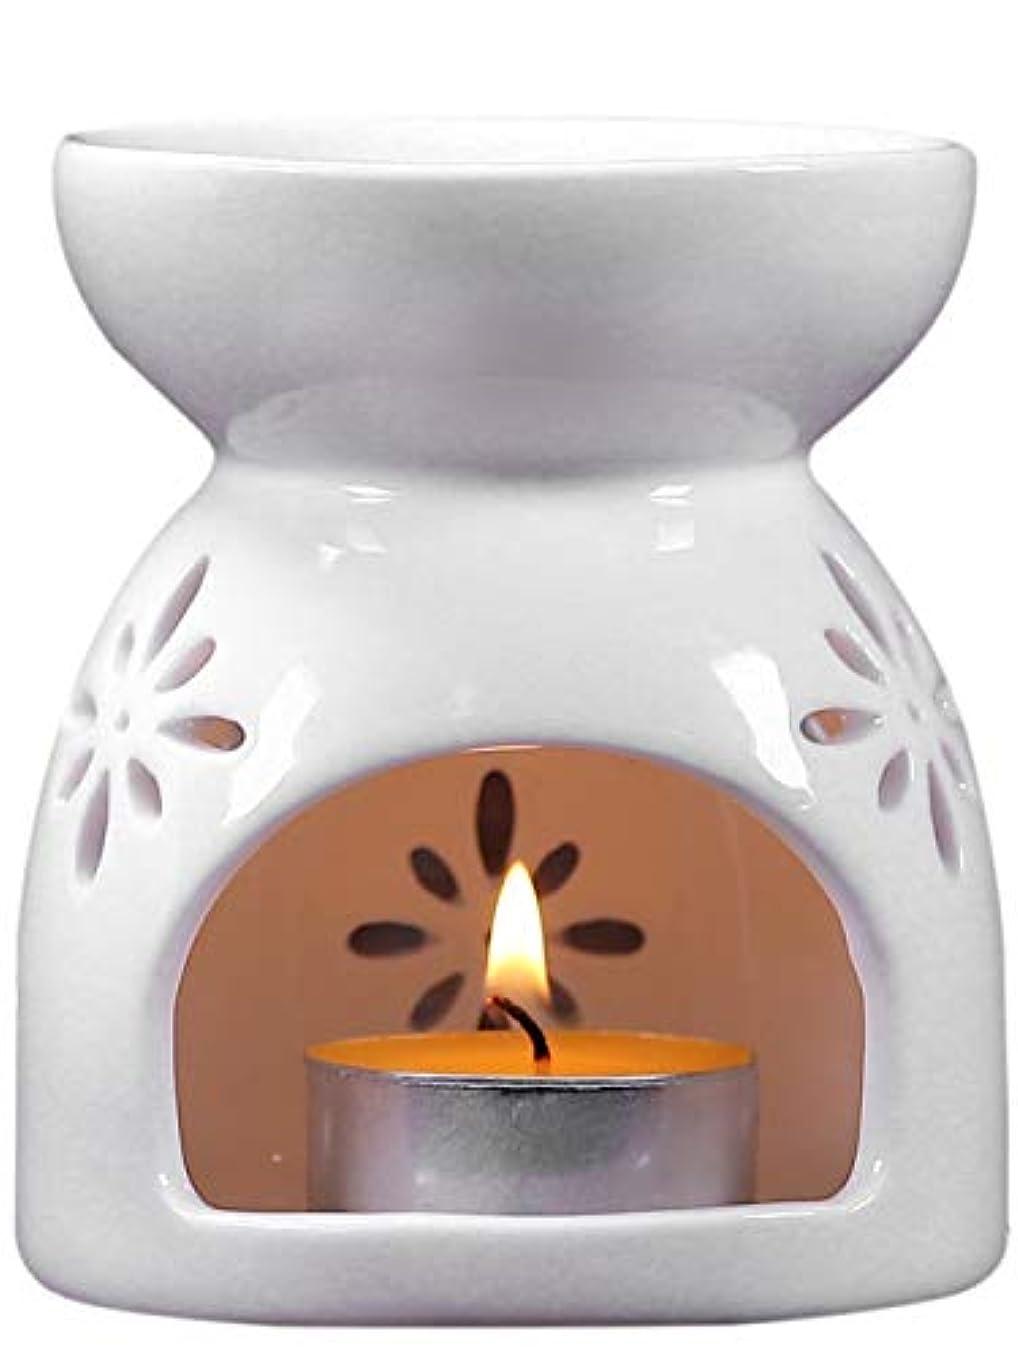 割るセラーペチュランスgannbarou お香 茶 香炉 アロマ炉 薫香 精油 インテリア アロマディフューザー 中空の彫刻工芸 消臭と癒し おしゃれ お茶の香り 陶器 置物 ホワイト